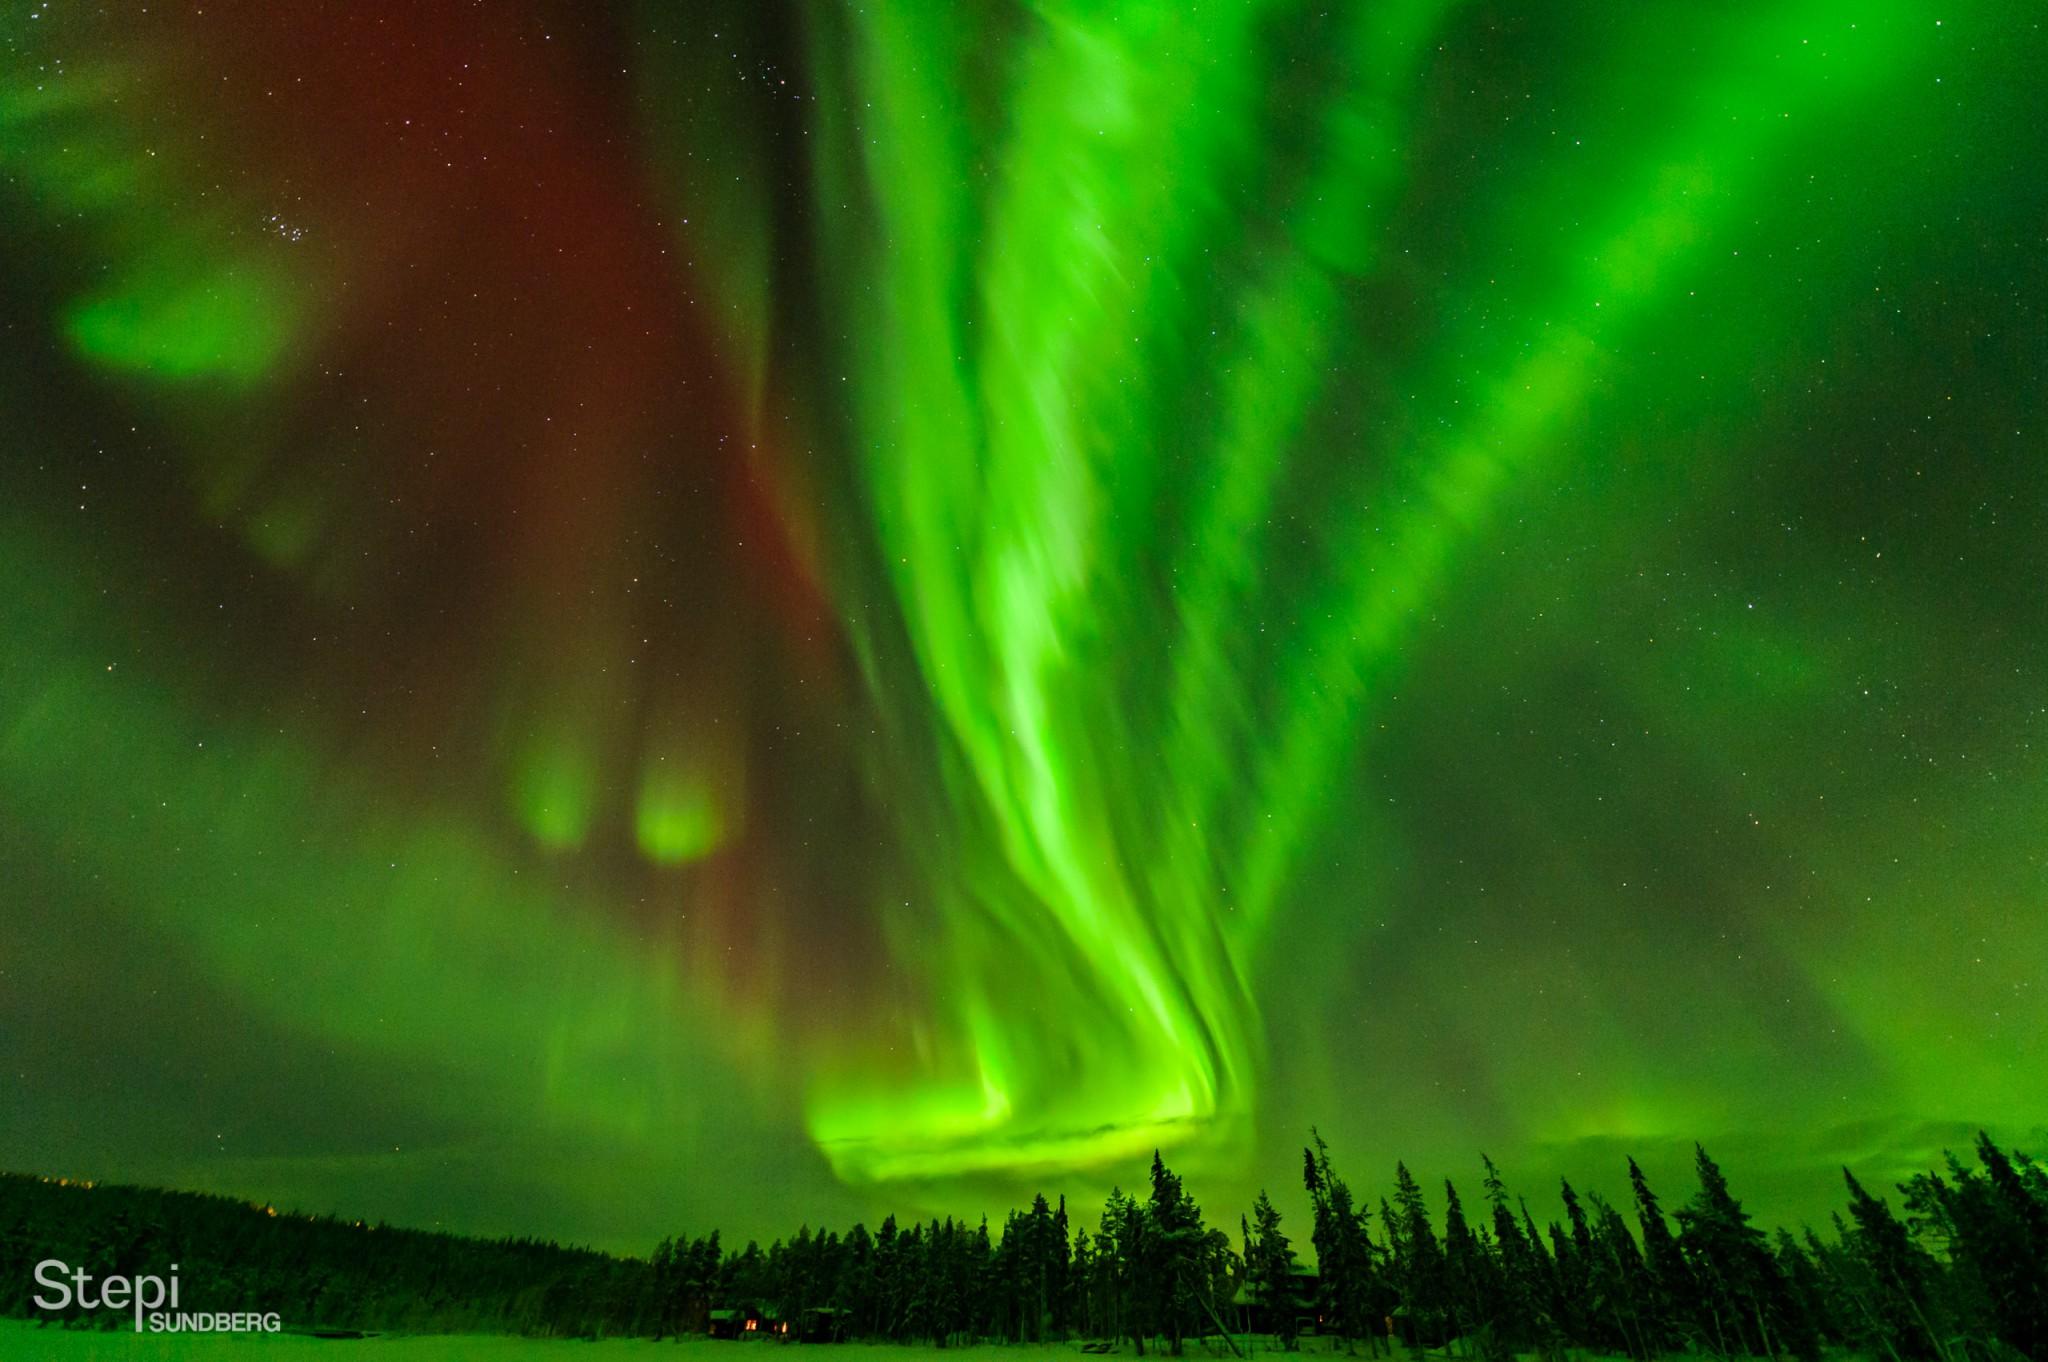 Luontokuva revontuli, Valokuvaaja Stepi Sundberg